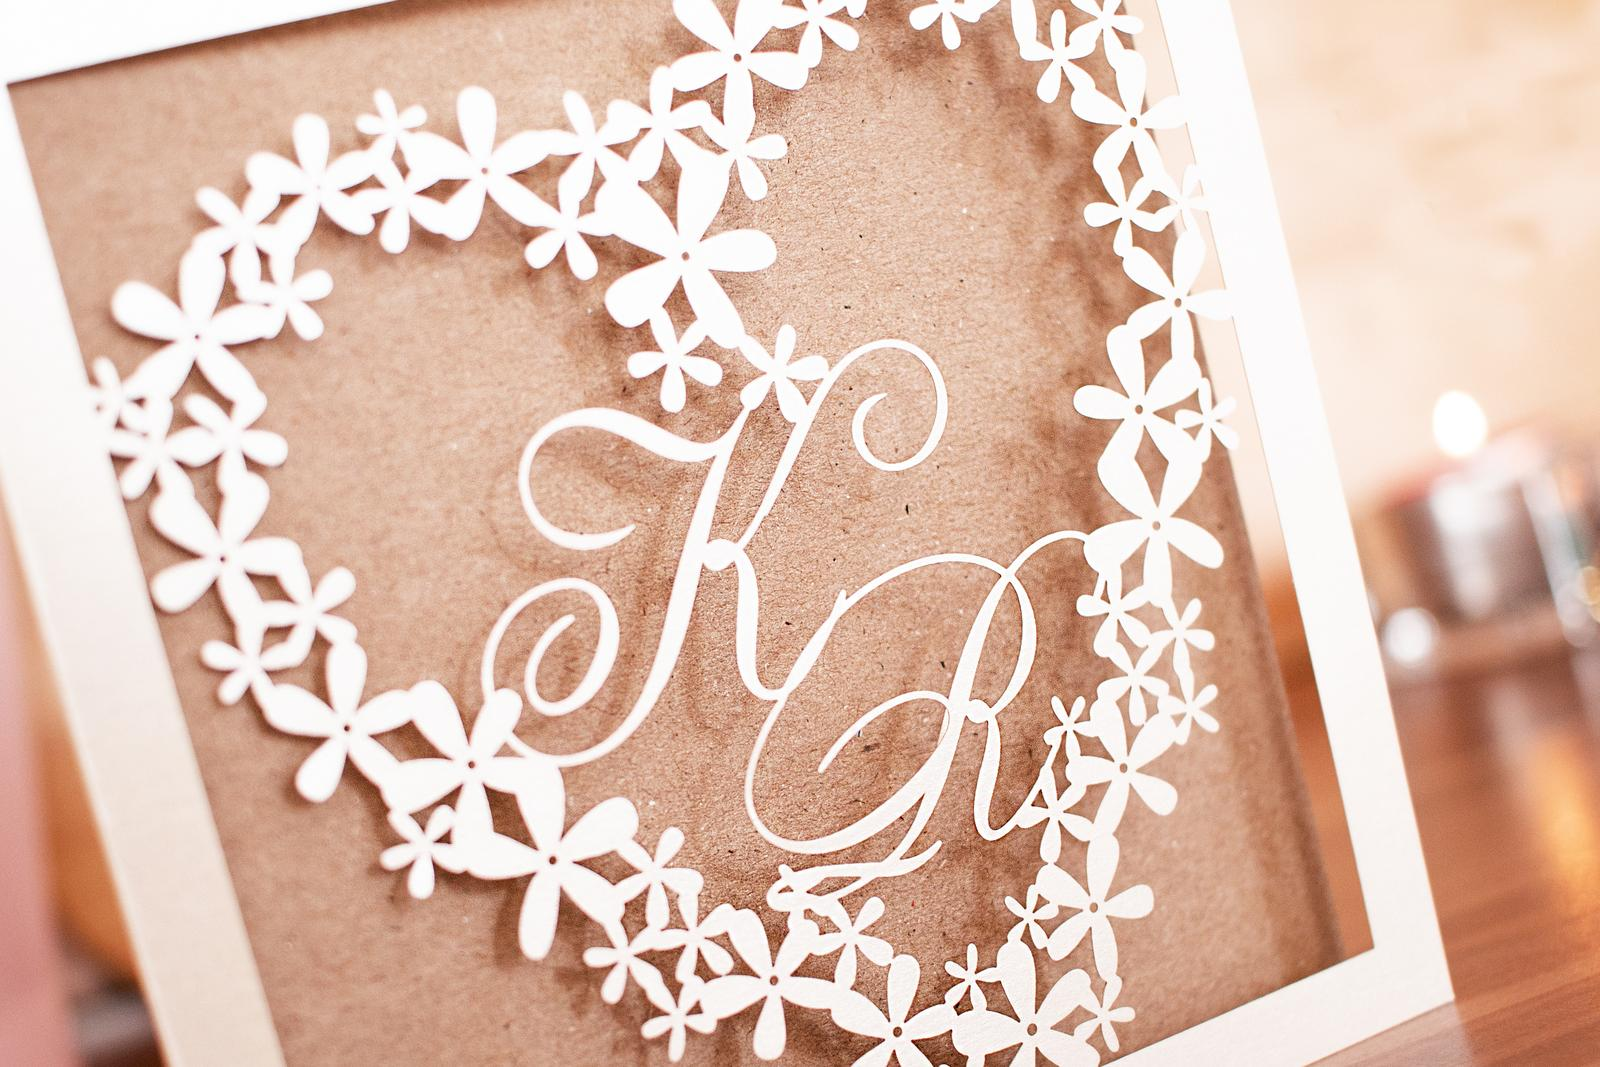 Svadobné oznámenia na mieru - Cena 1,80 € s obálkou v cene. Svadobné oznámenie - štandardne tlačené. V cene oznámenia je zahrnutá listová obálka. Text, font a farbu písma je možné upraviť podľa vlastného vkusu.